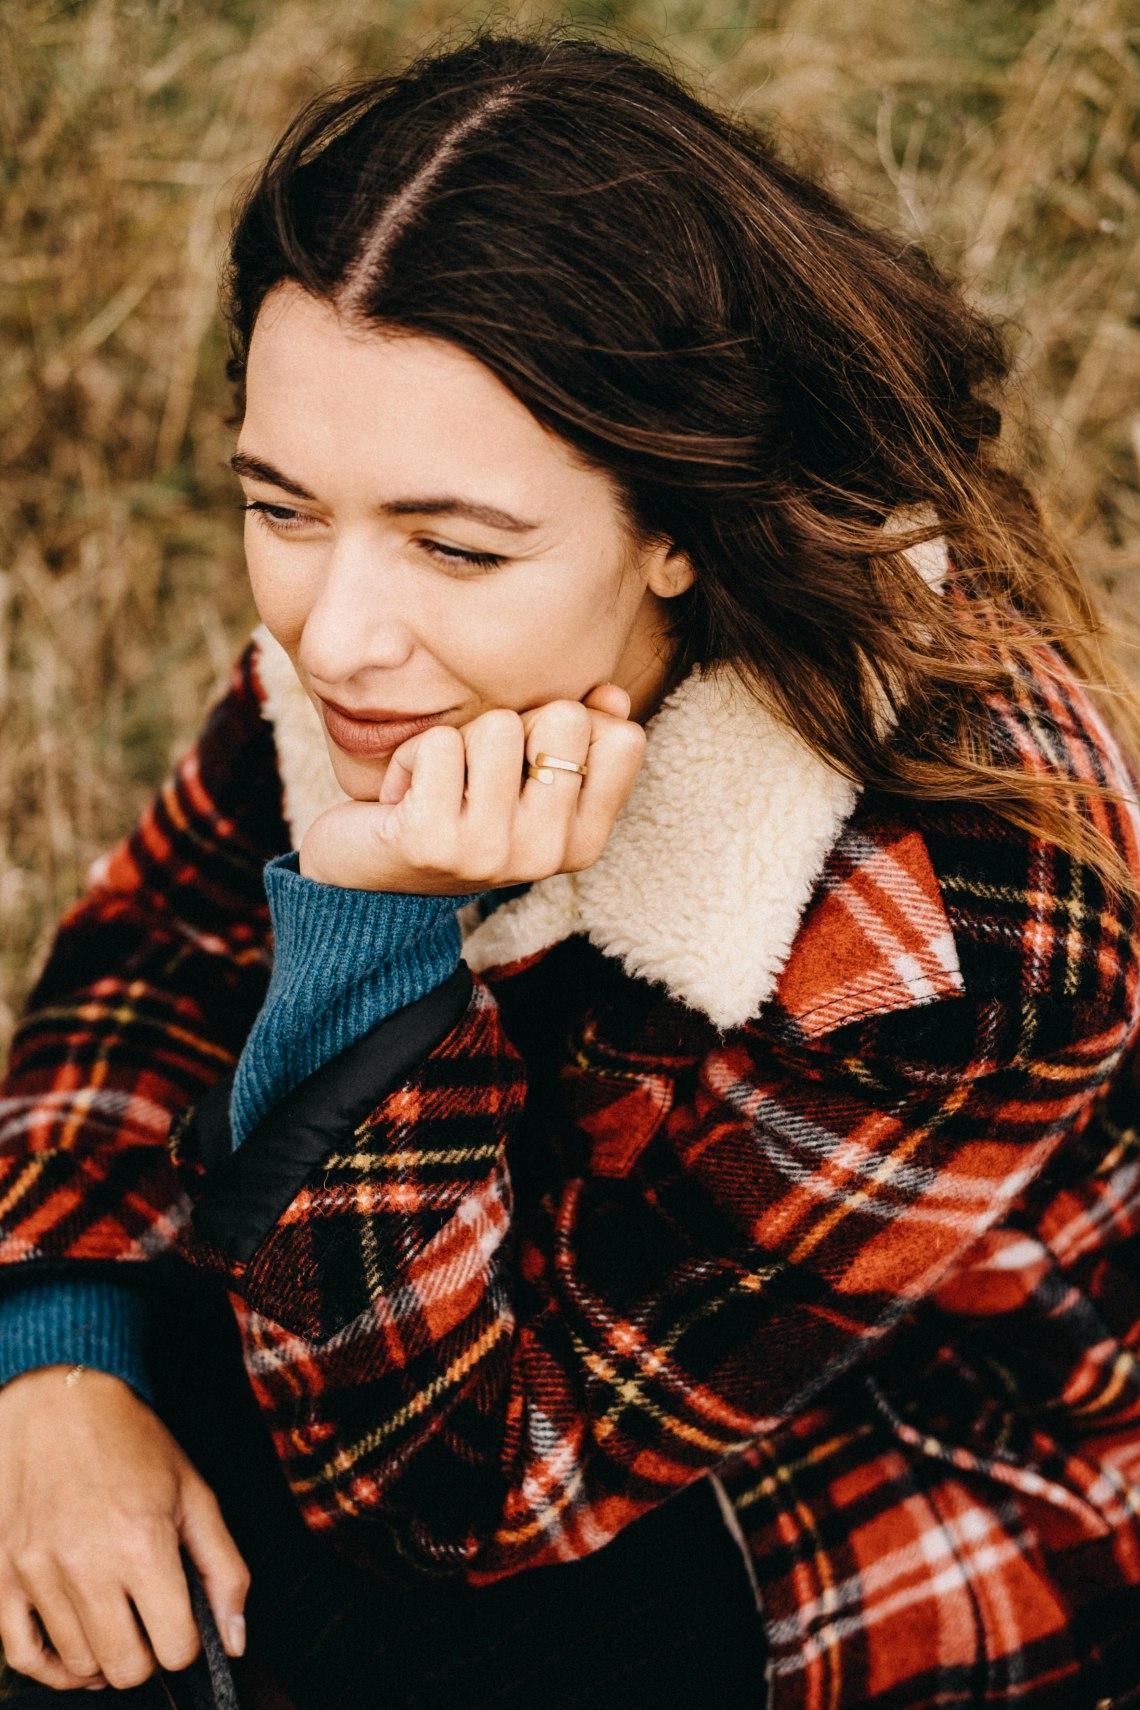 nila-podzim-139.jpg